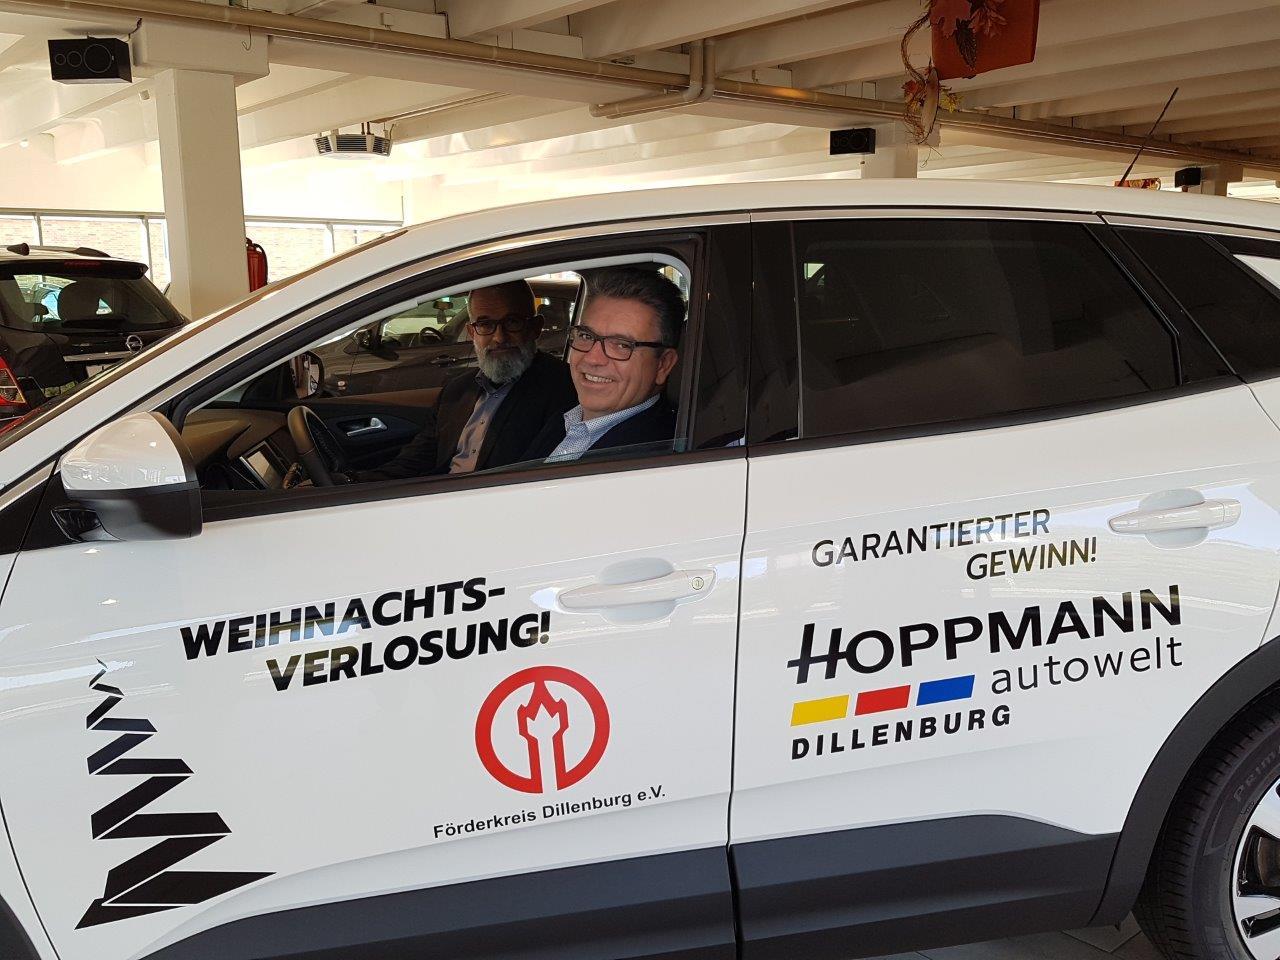 """Siegbert Theiss (Geschäftsstellenleiter Dillenburg Hoppmann Autowelt) stellt Bürgermeister Michael Lotz (2. Vorsitzender des Förderkreis Dillenburg) den Innenraum des Hauptgewinns vor und erläutert die umfangreiche Ausstattungslinie """"Innovation""""."""